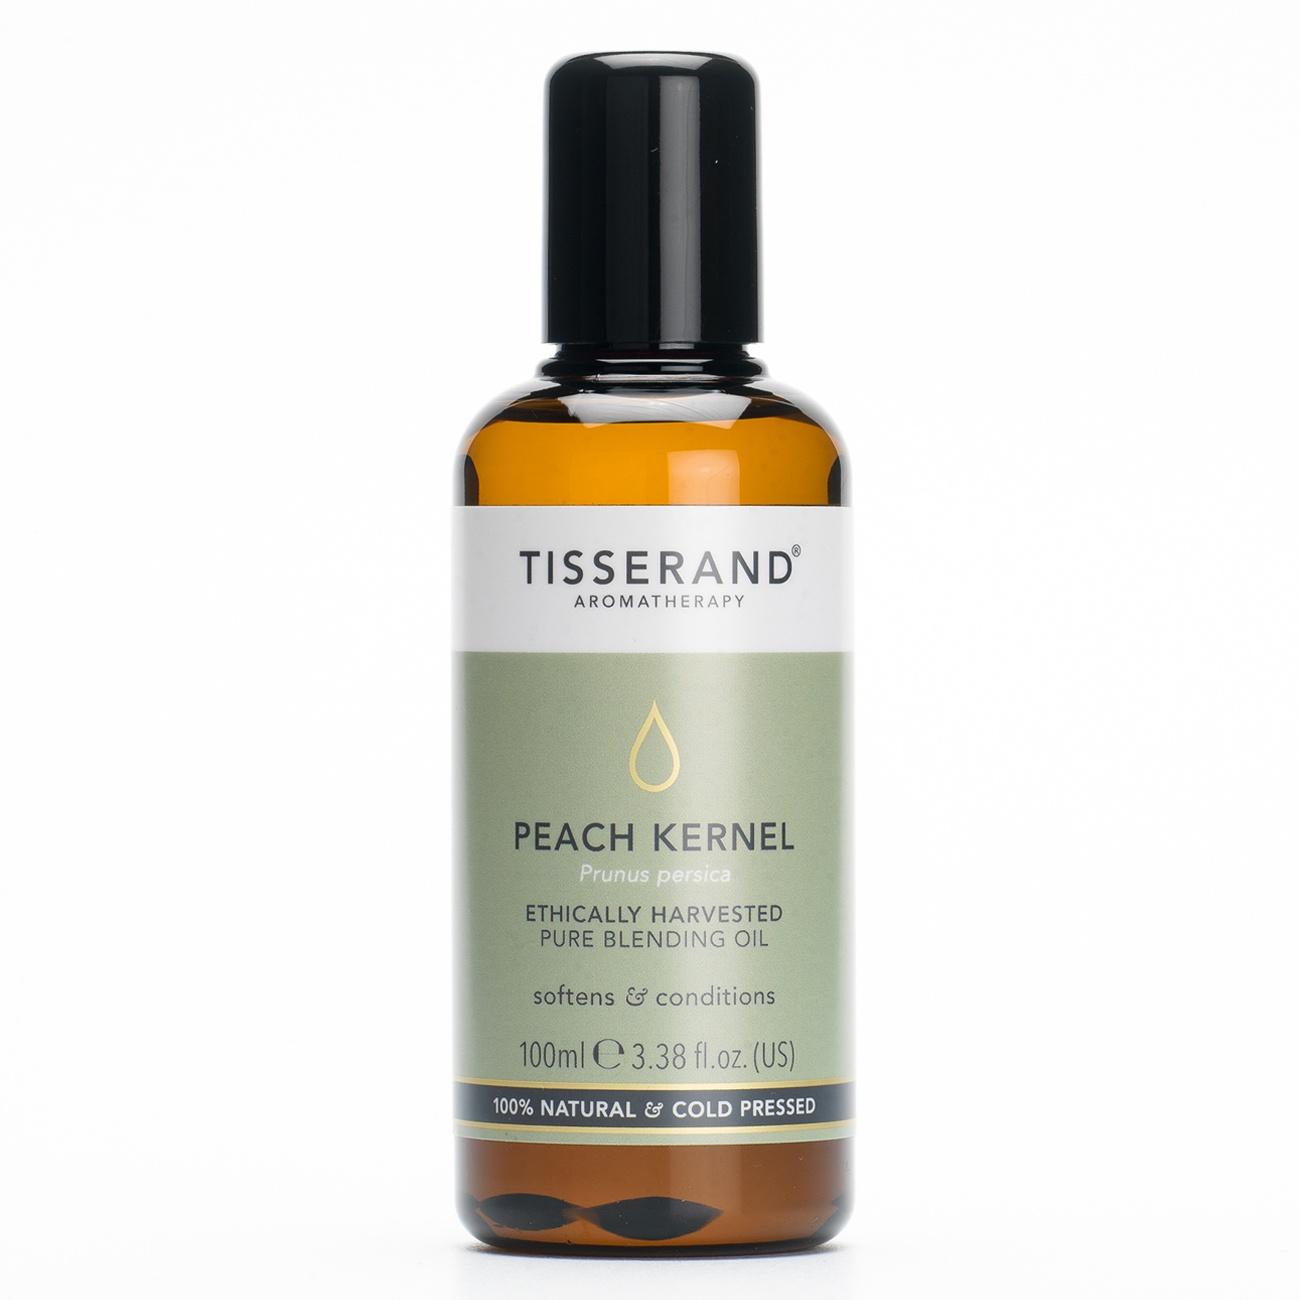 Tisserand Peach Kernel Pure Blending Oil 100ml